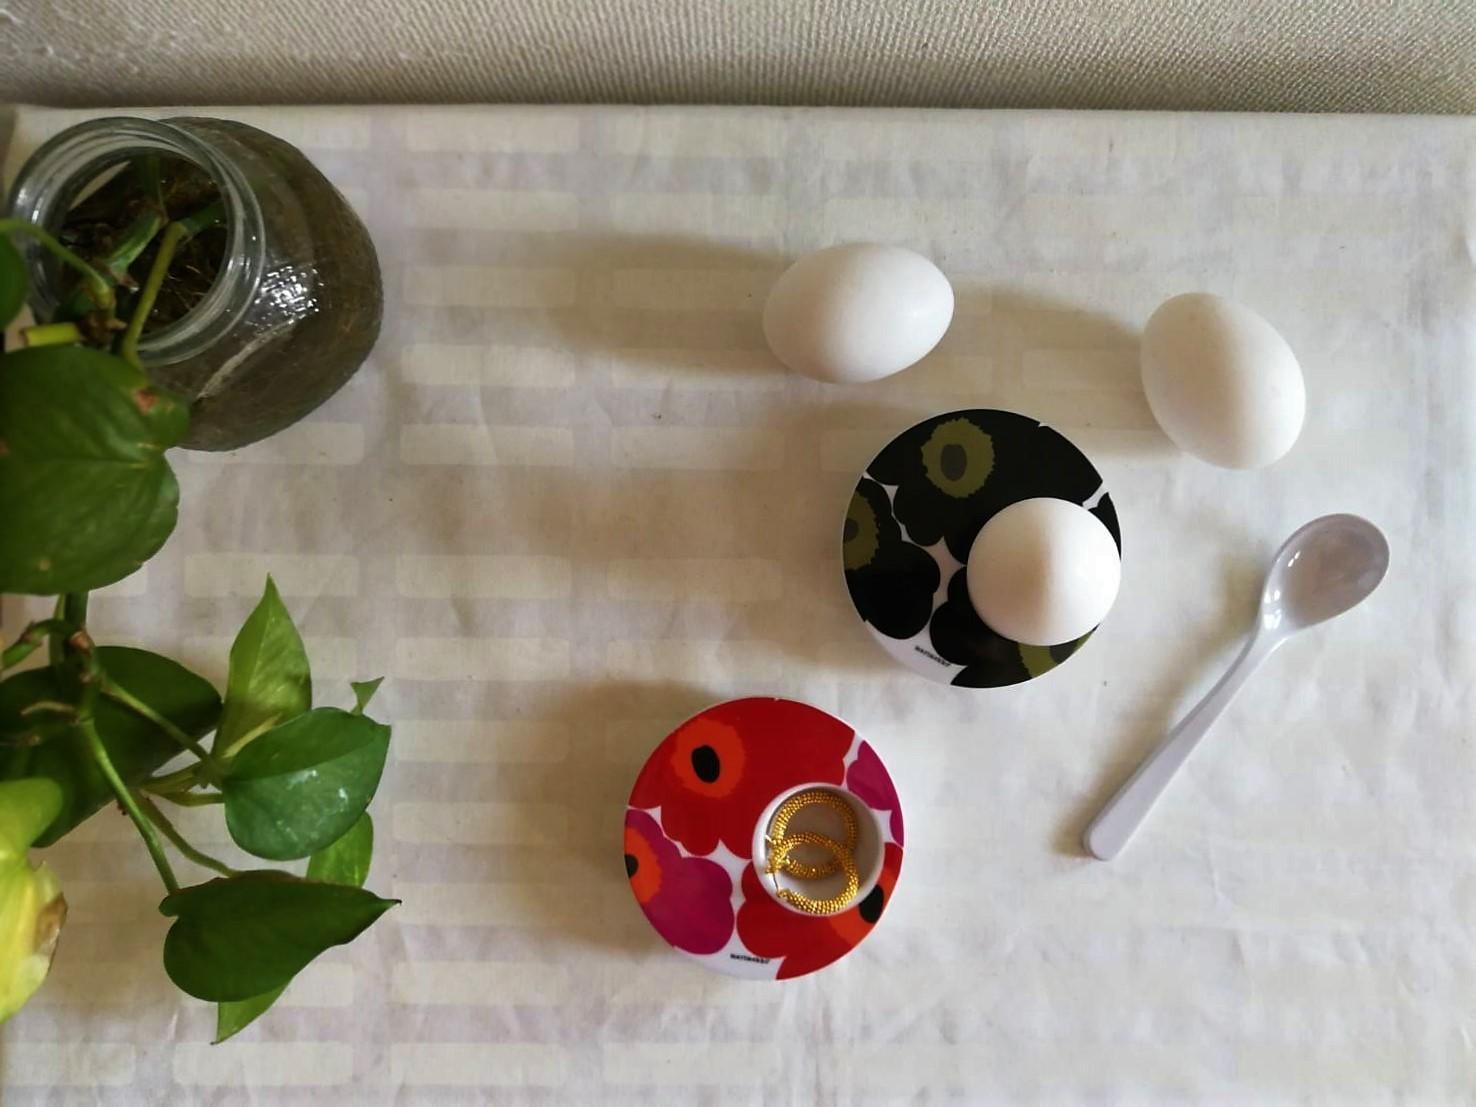 [現地限定:廃盤] エッグカップ・スプーン付 / マリメッコxzak! /ウニッコ BK